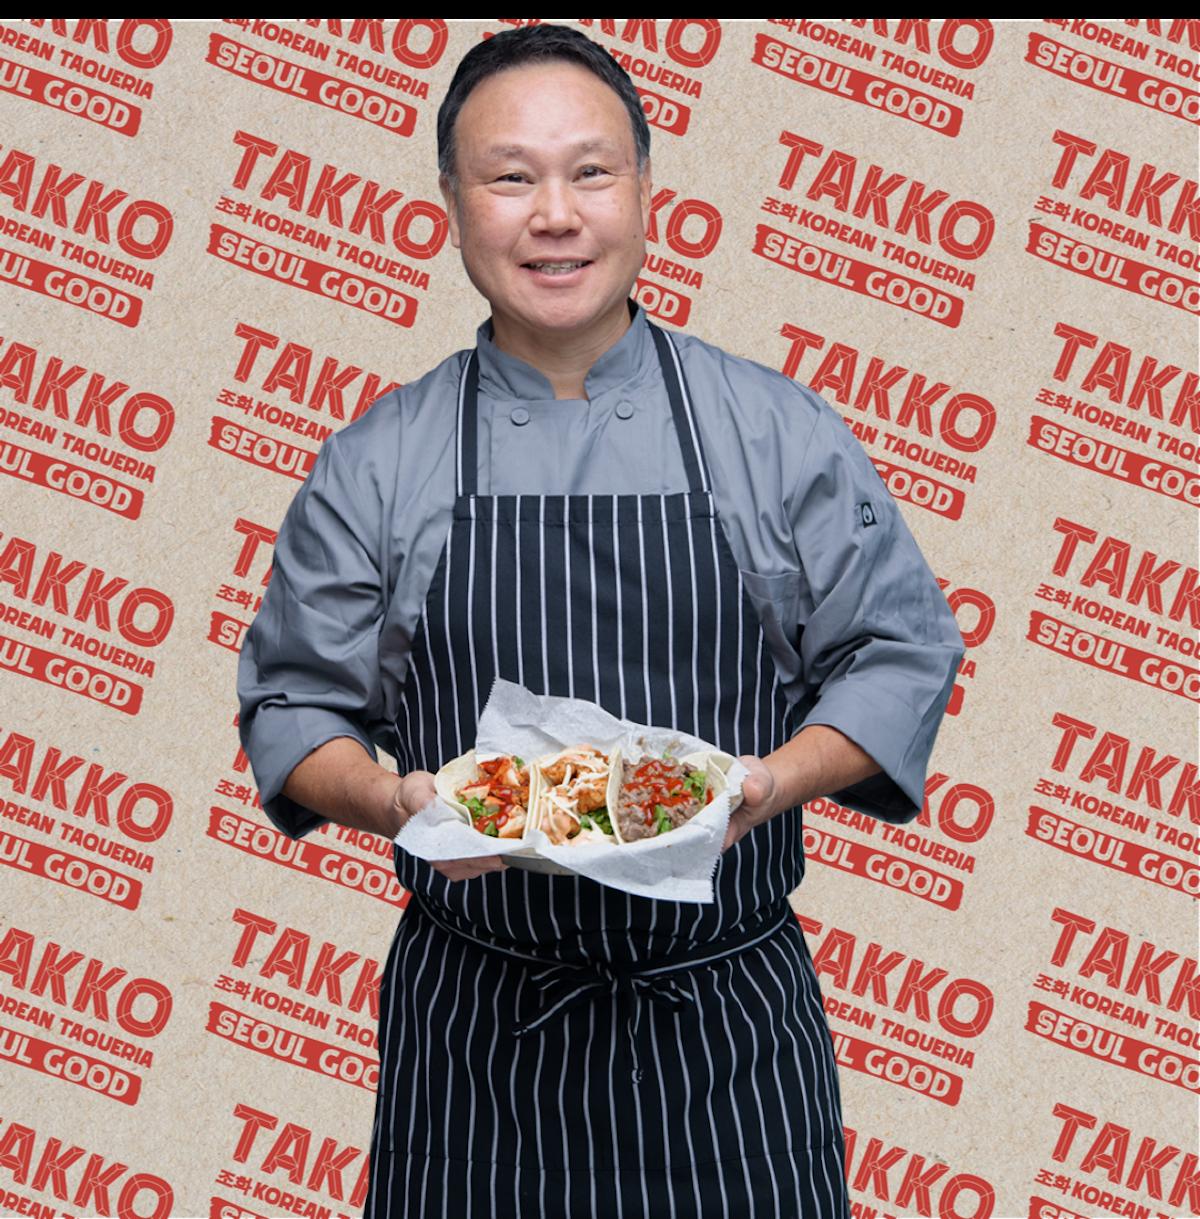 Takorea Founder's Fusion Franchise Takko Adding Third Location